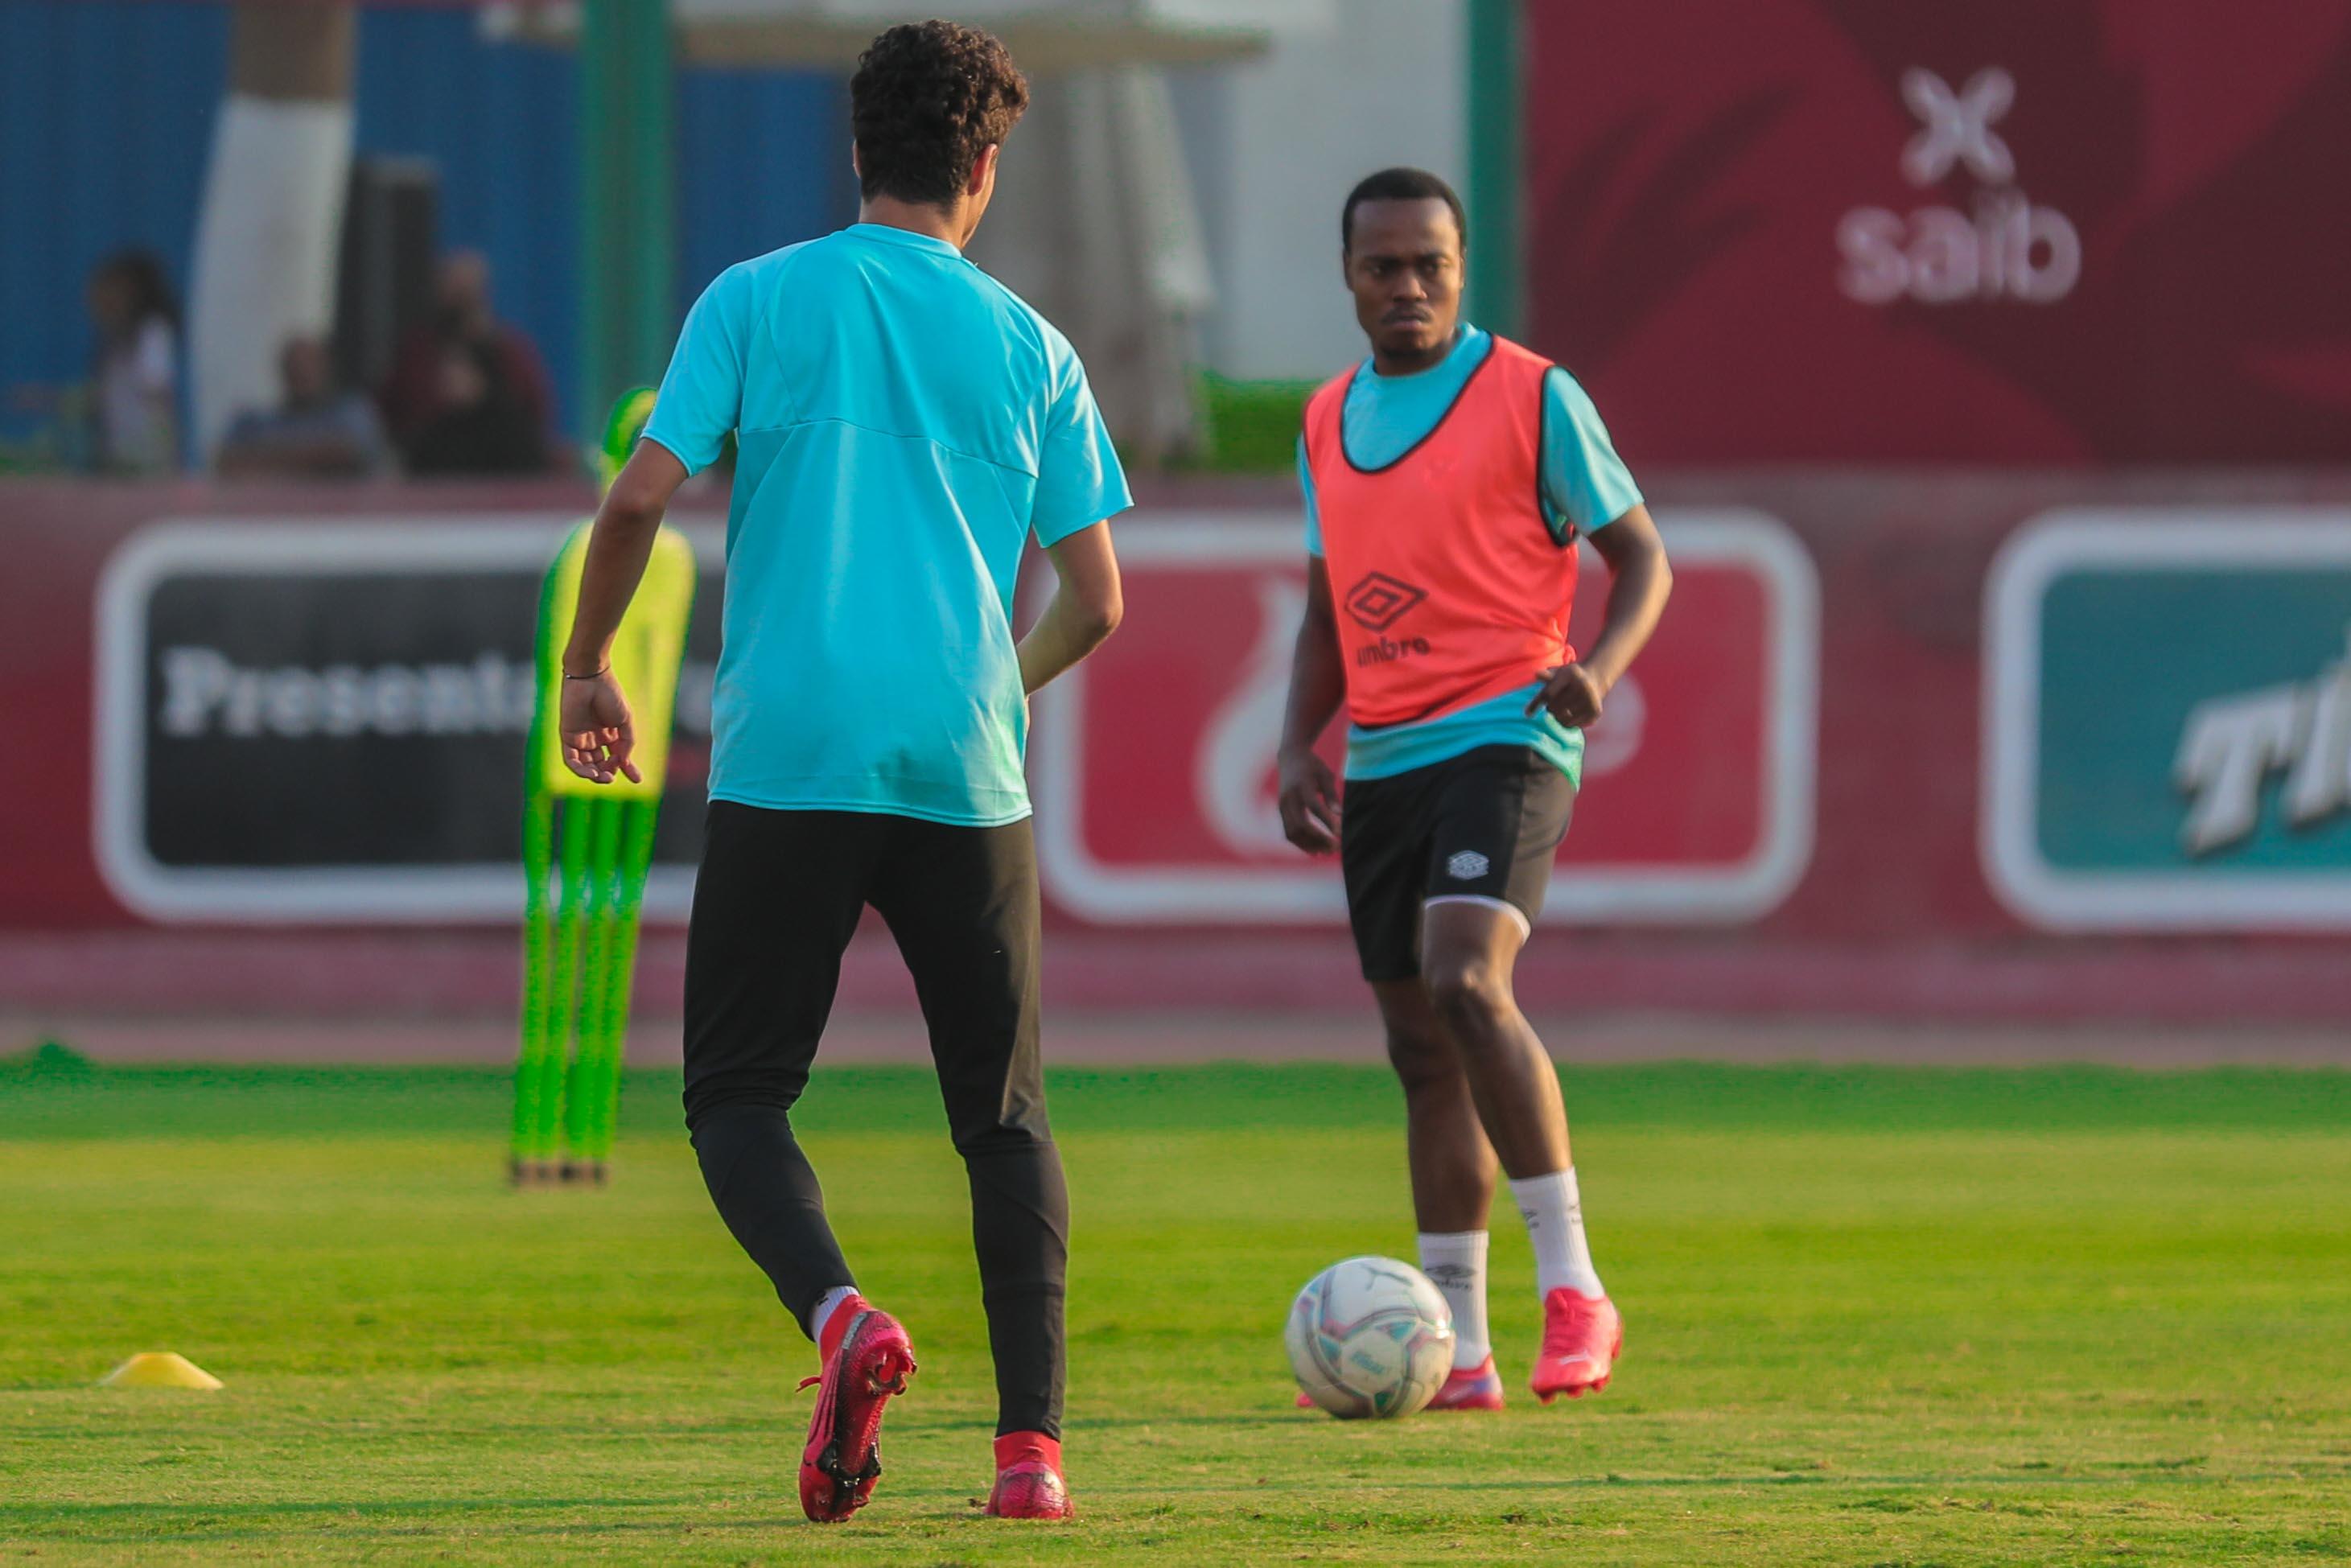 مران الأهلي| بيرسي تاو يشارك في تدريبات الكرة